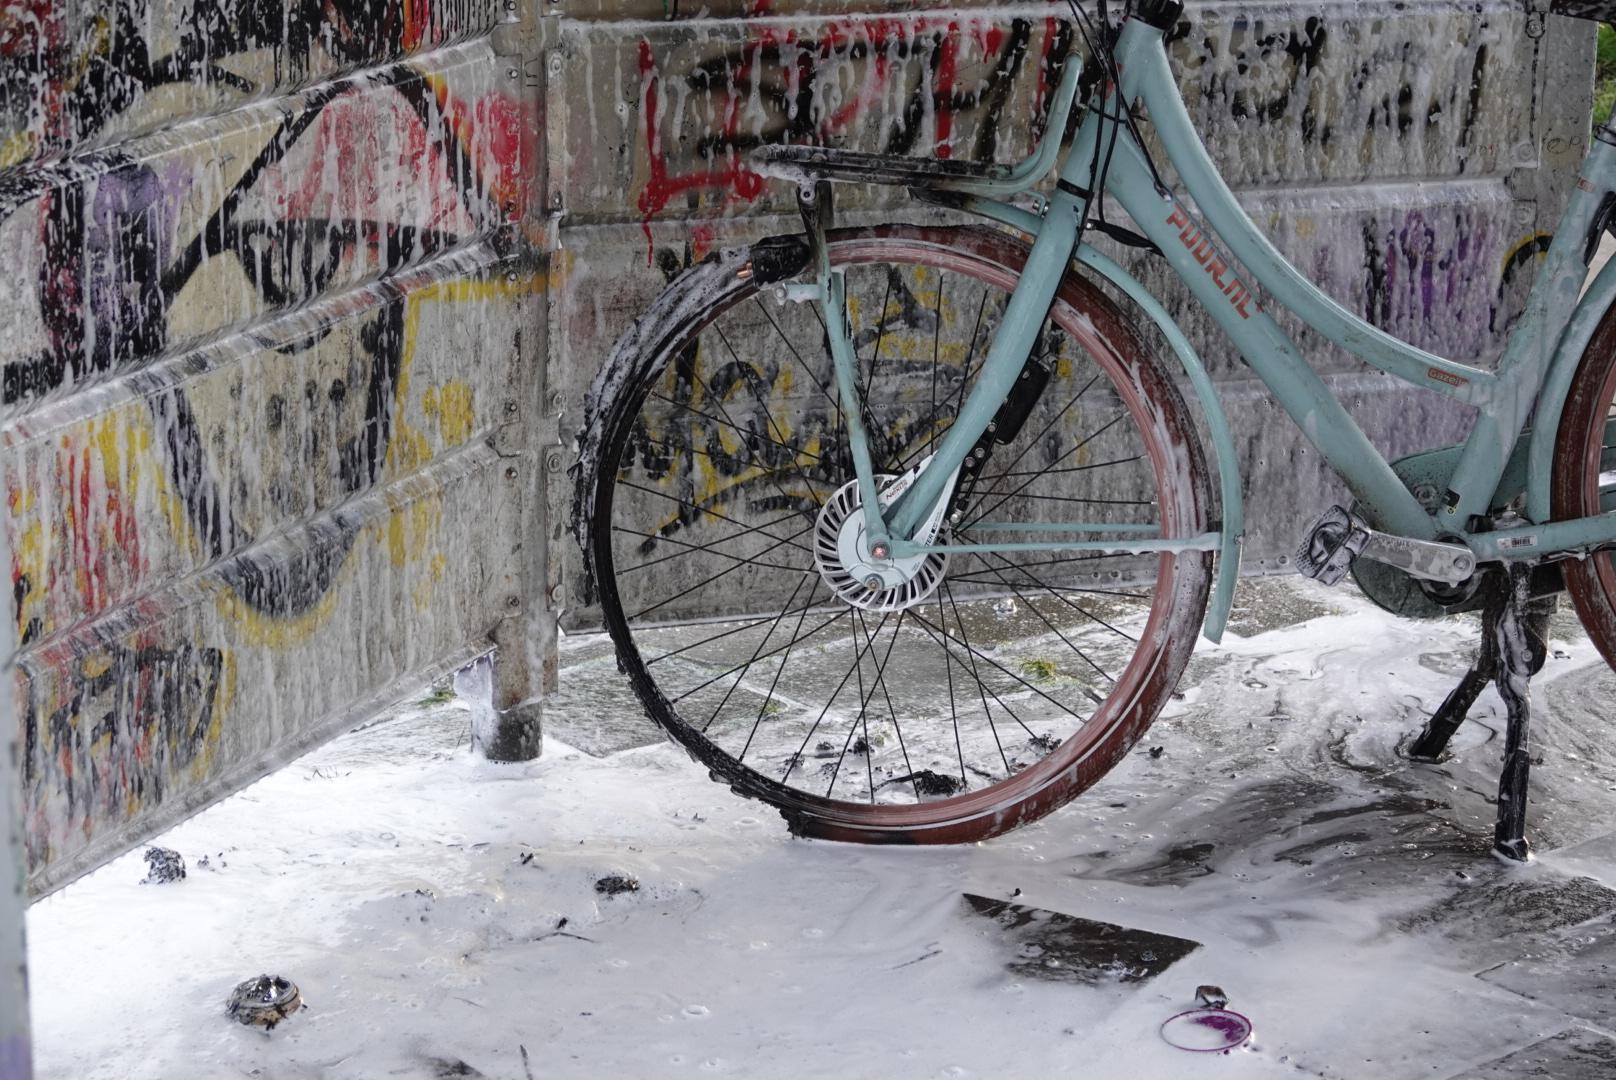 Fiets in brand gestoken op speelveldje in Heerhugowaard, meerdere fietsen vernield